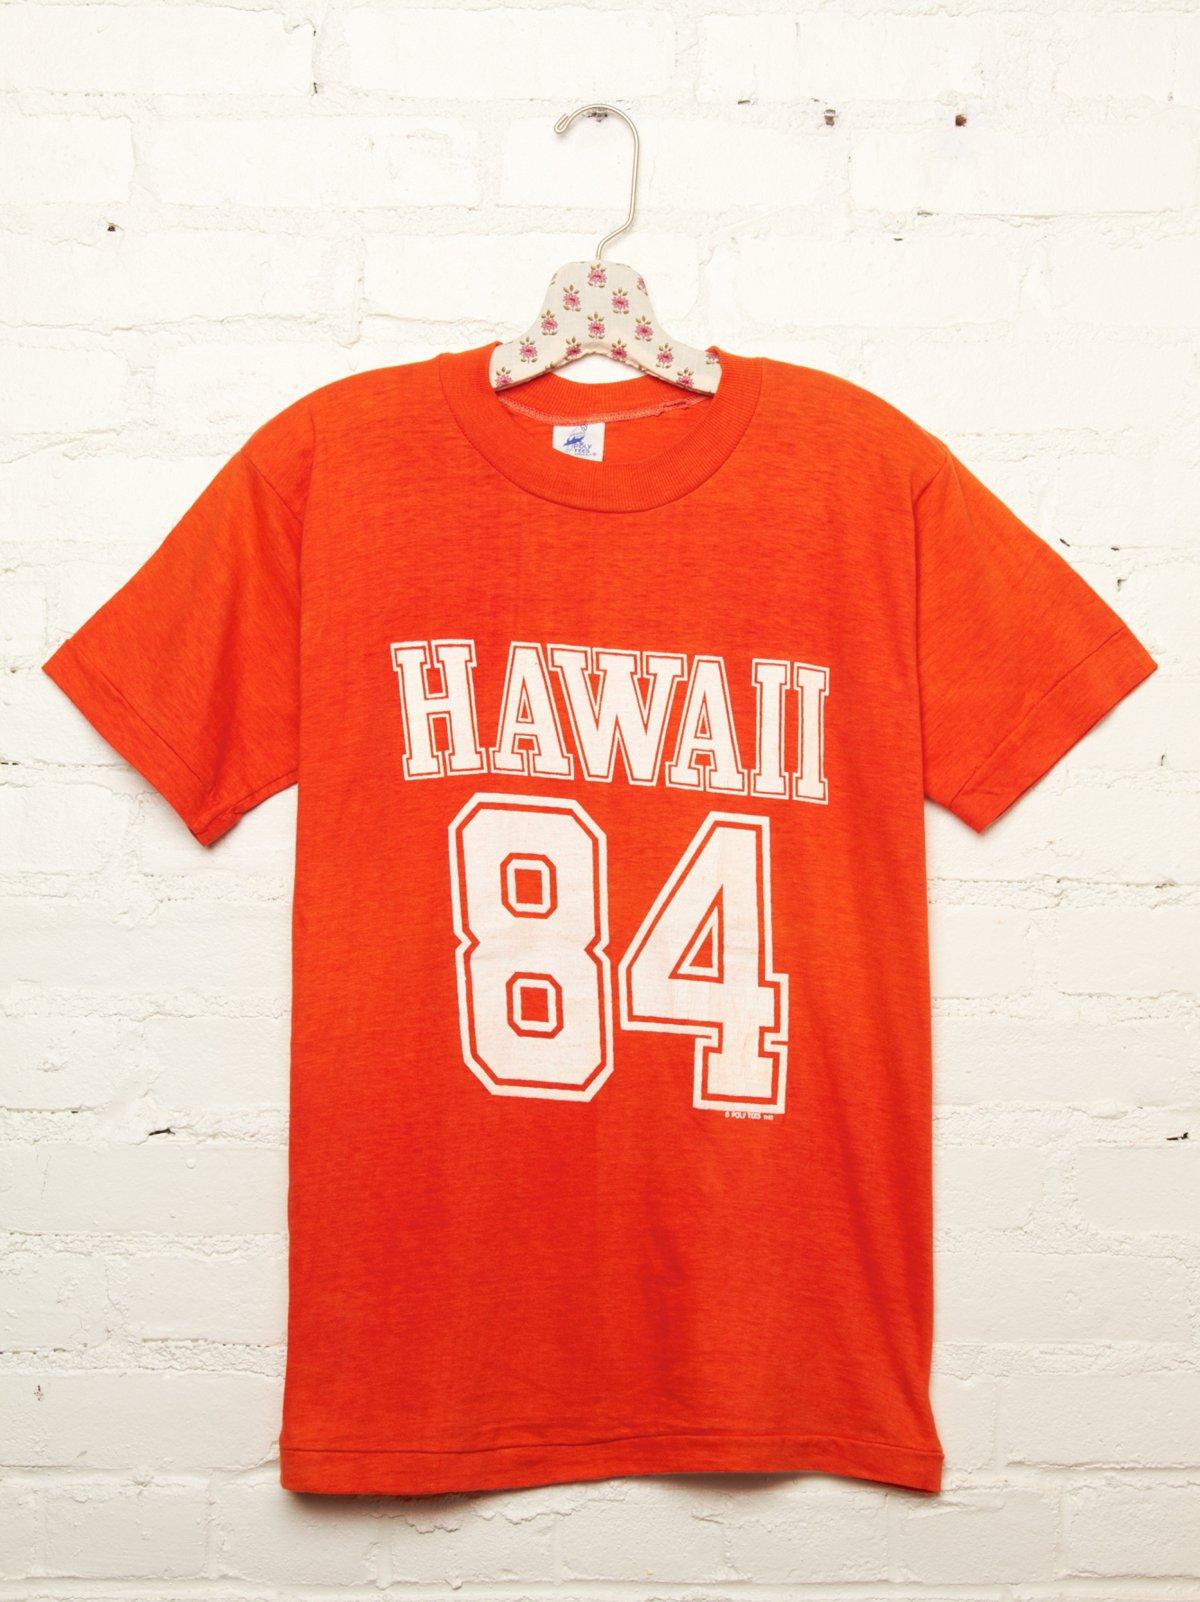 Vintage Orange Hawaii 84 Tee